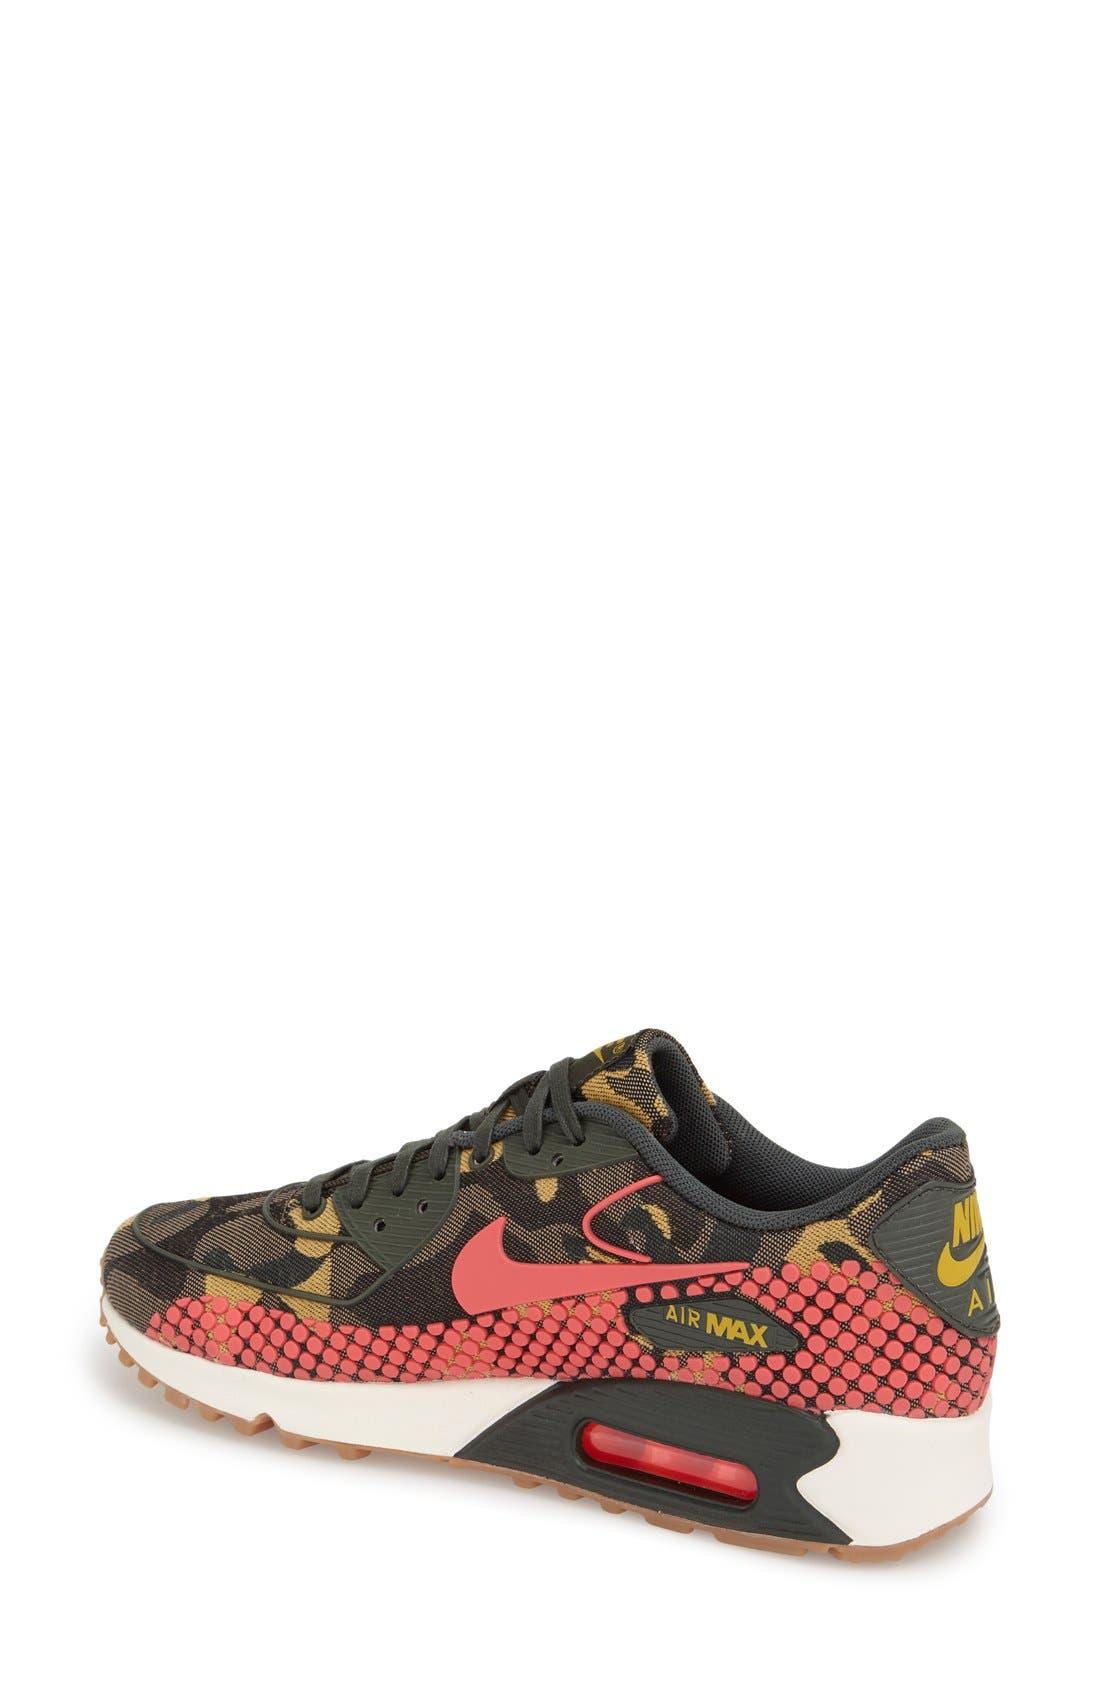 Alternate Image 2  - Nike 'Air Max 90 Jacquard' Sneaker (Women)